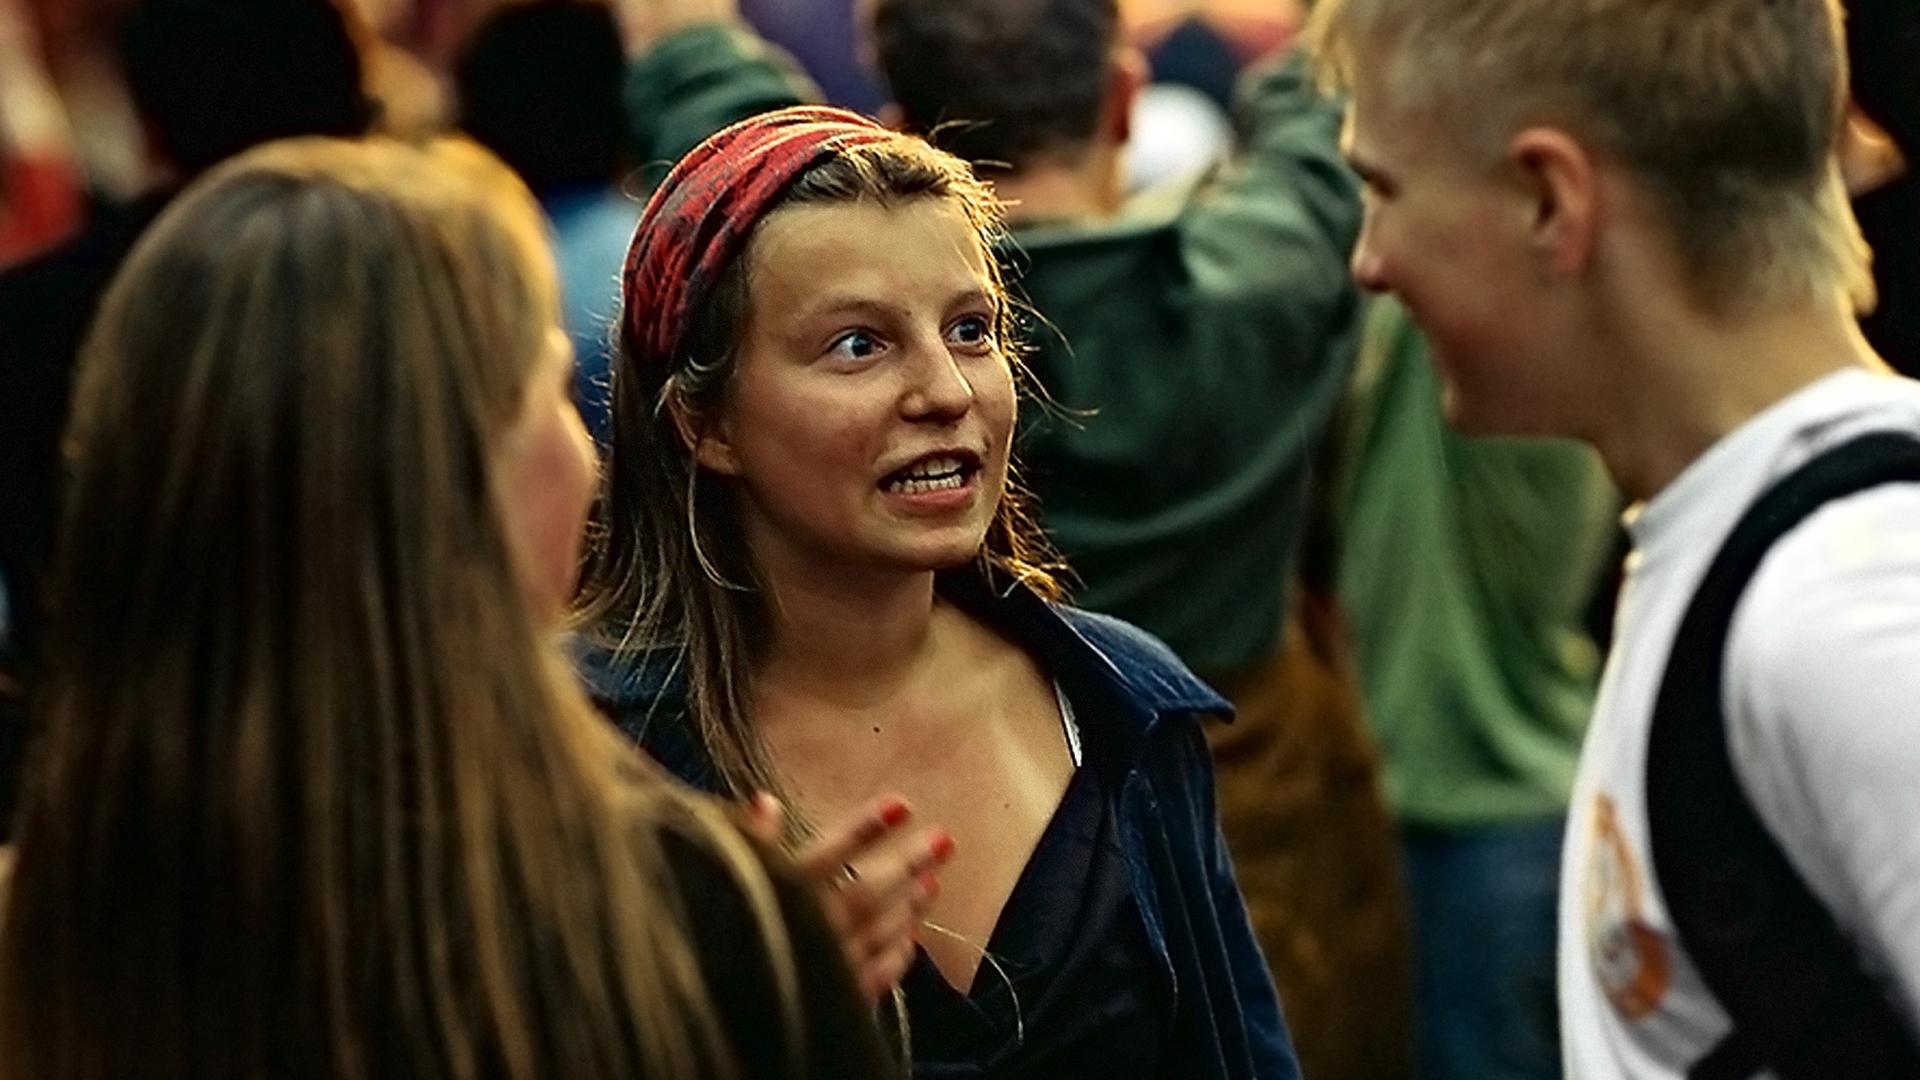 Viele junge Menschen finden Evangelisieren nicht richtig, ergab eine Studie